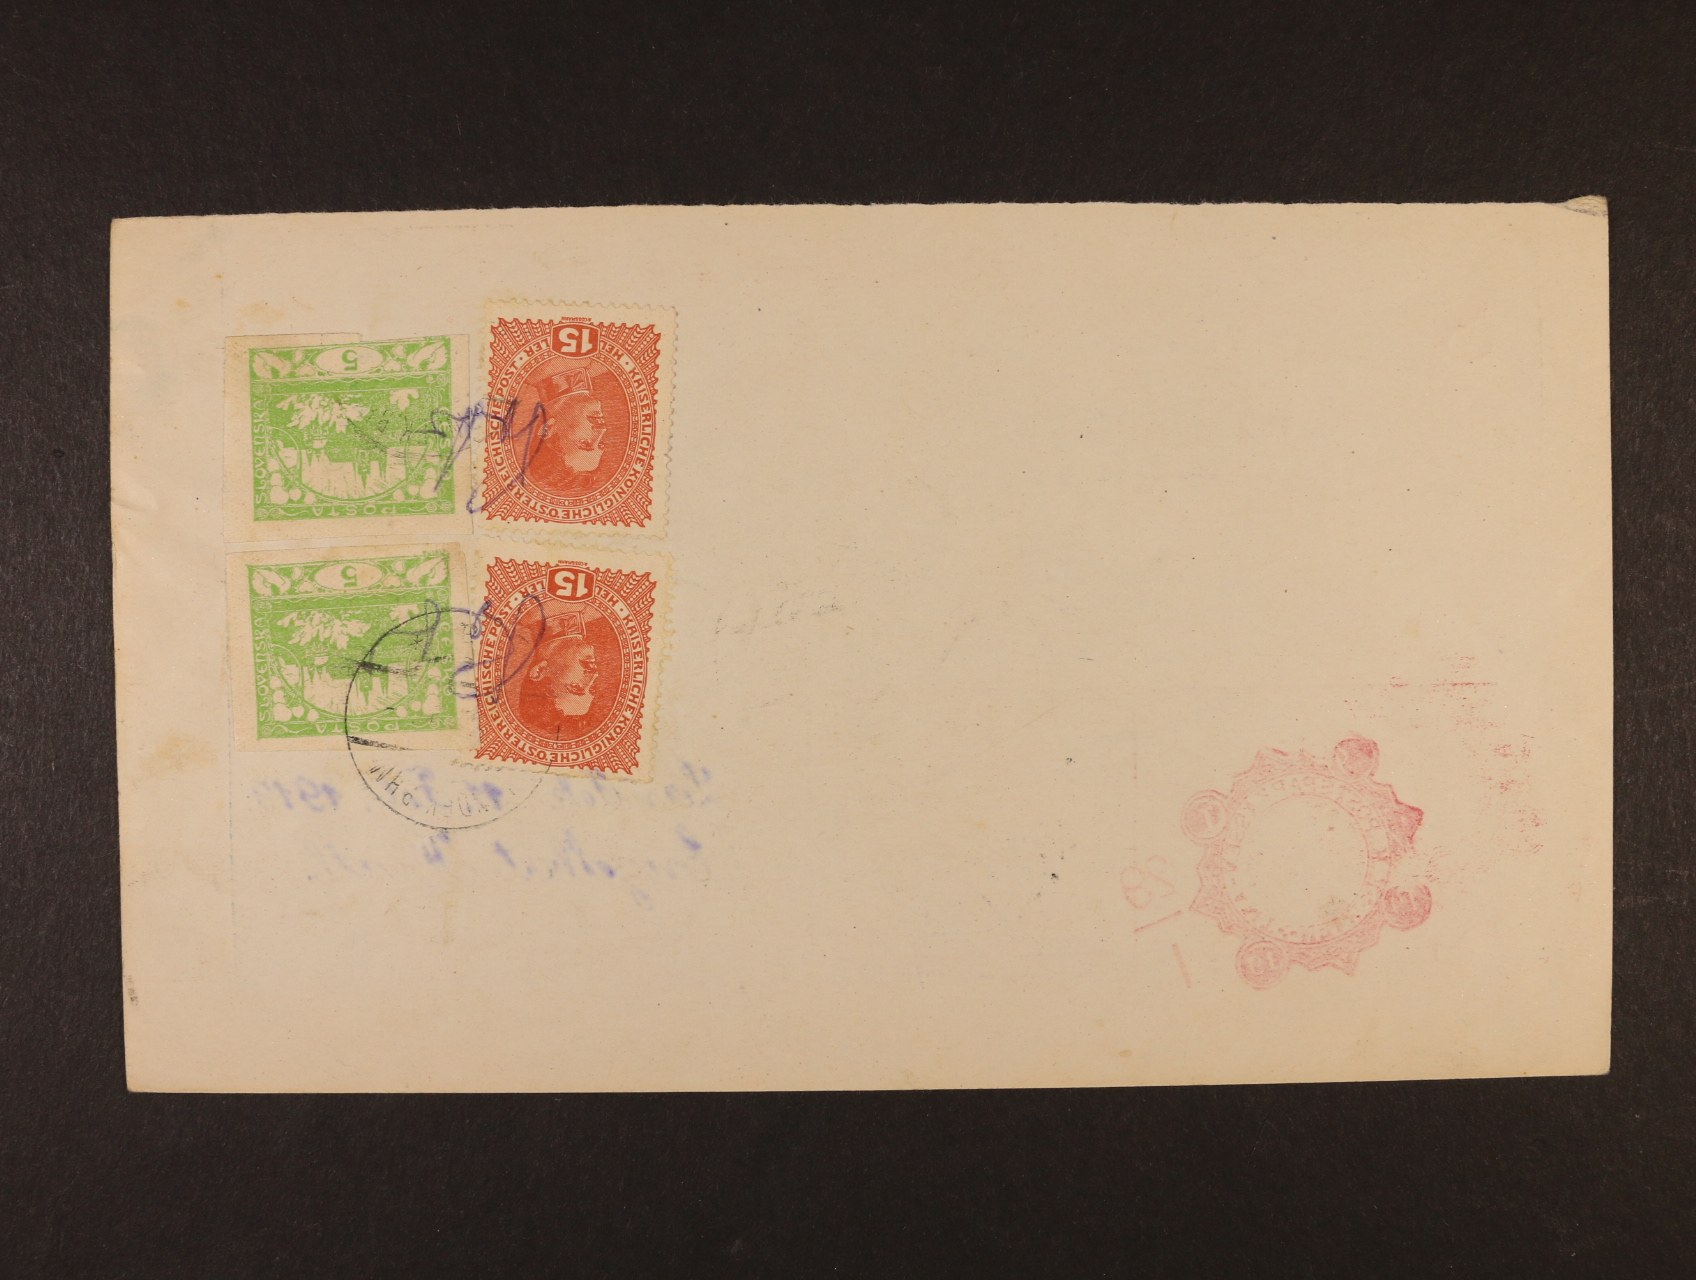 poštovní průvodka poštovní spořitelny Wien zaslaná na poštovní úřad Landek B.H.M. (Ostročín), poštovné ve výši 40h vyplaceno zn. Mi. č. 221 (2x) a zn. 5h Hradčany č. 3 (2x) s ručním přepisem Porto a raz. LANDEK B.H.M. 11.2.1919